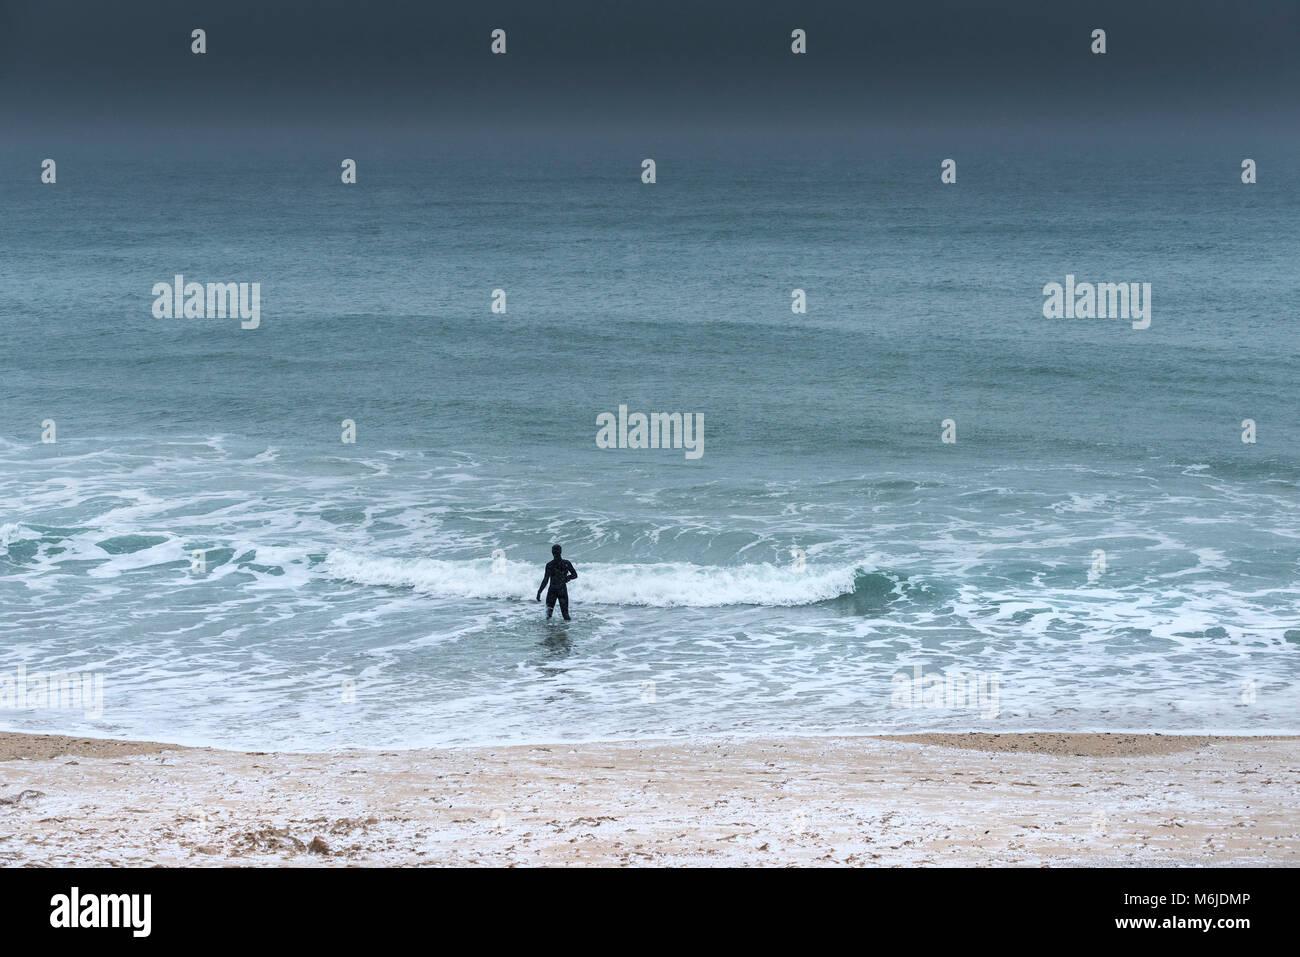 Eine Abbildung in einem Neoprenanzug zu Fuß ins Meer während eiskalt Wetter. Stockbild